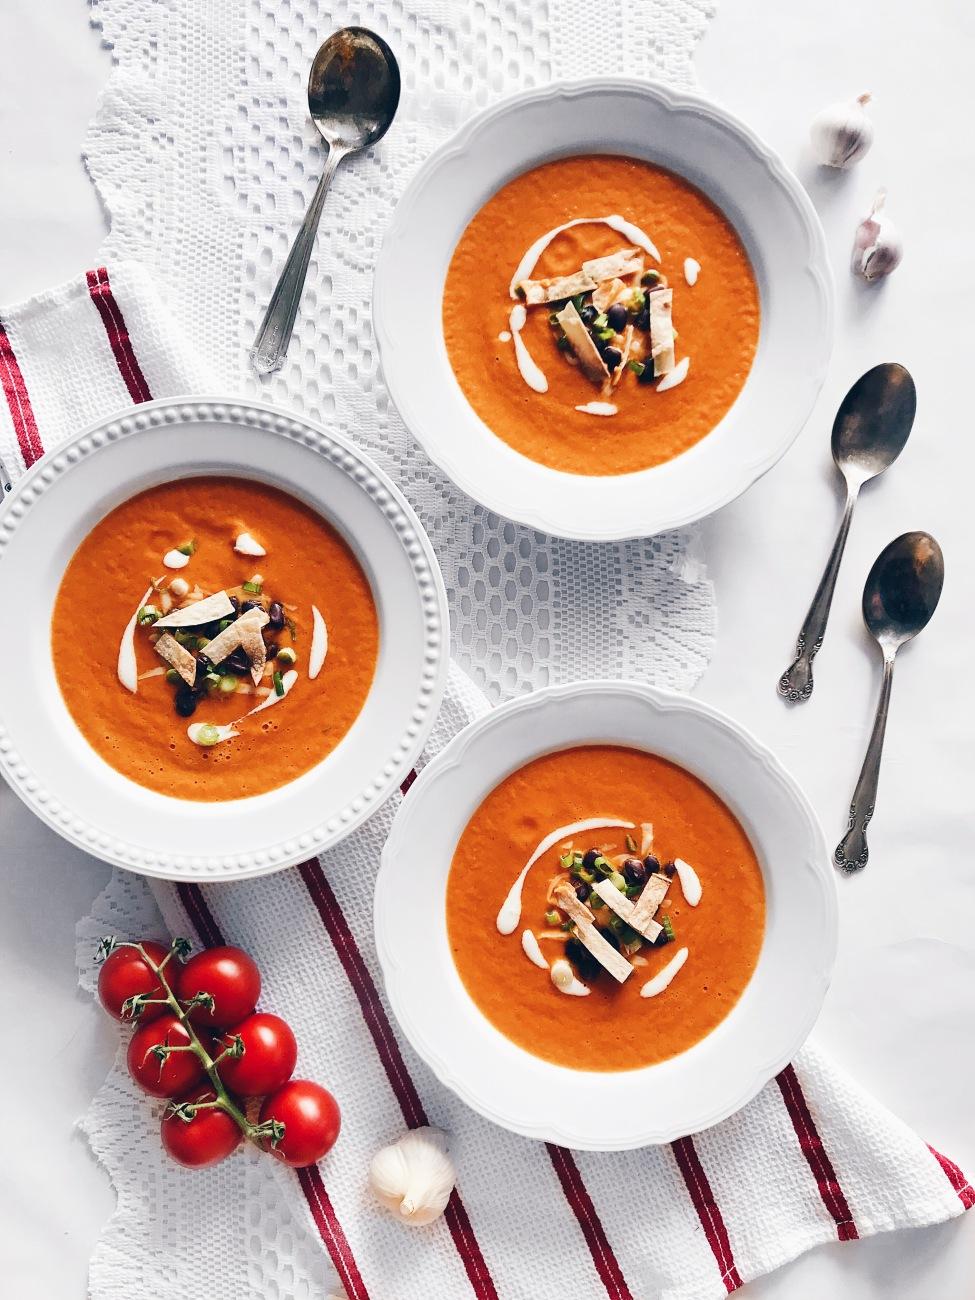 Soupe tomate express et garniture d'haricots, fromage et tortillas grillées